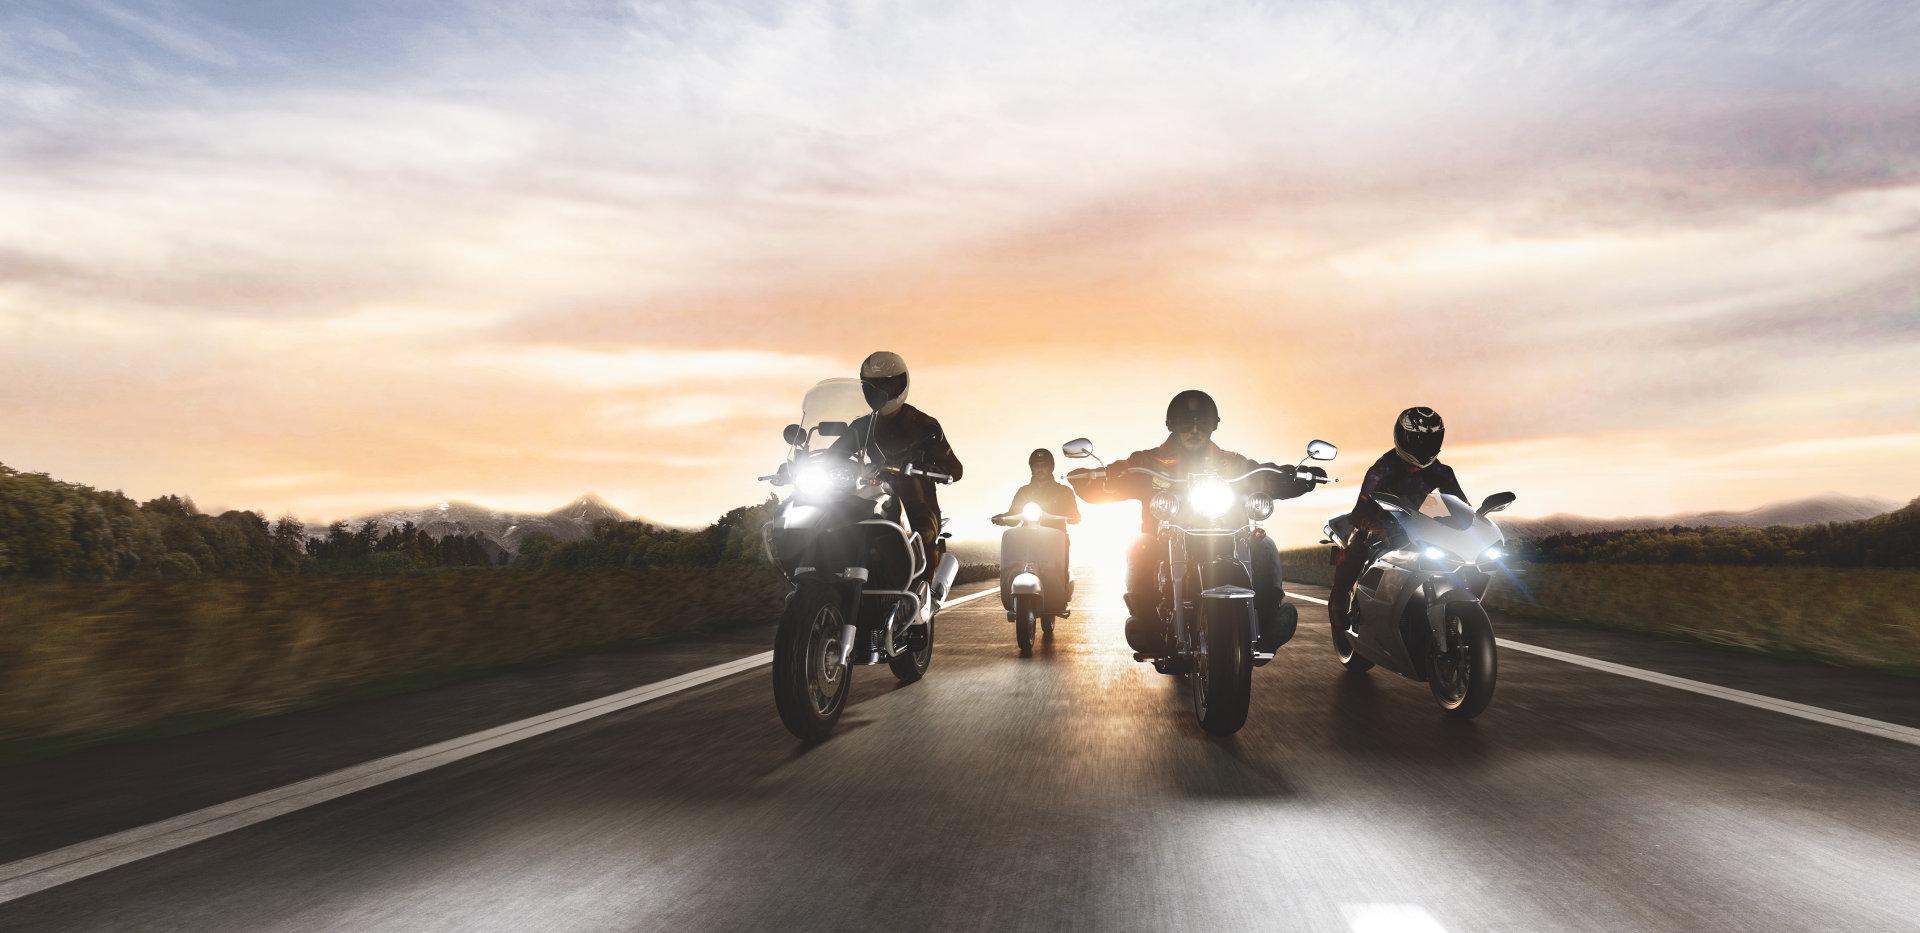 Osvětlení motocyklů